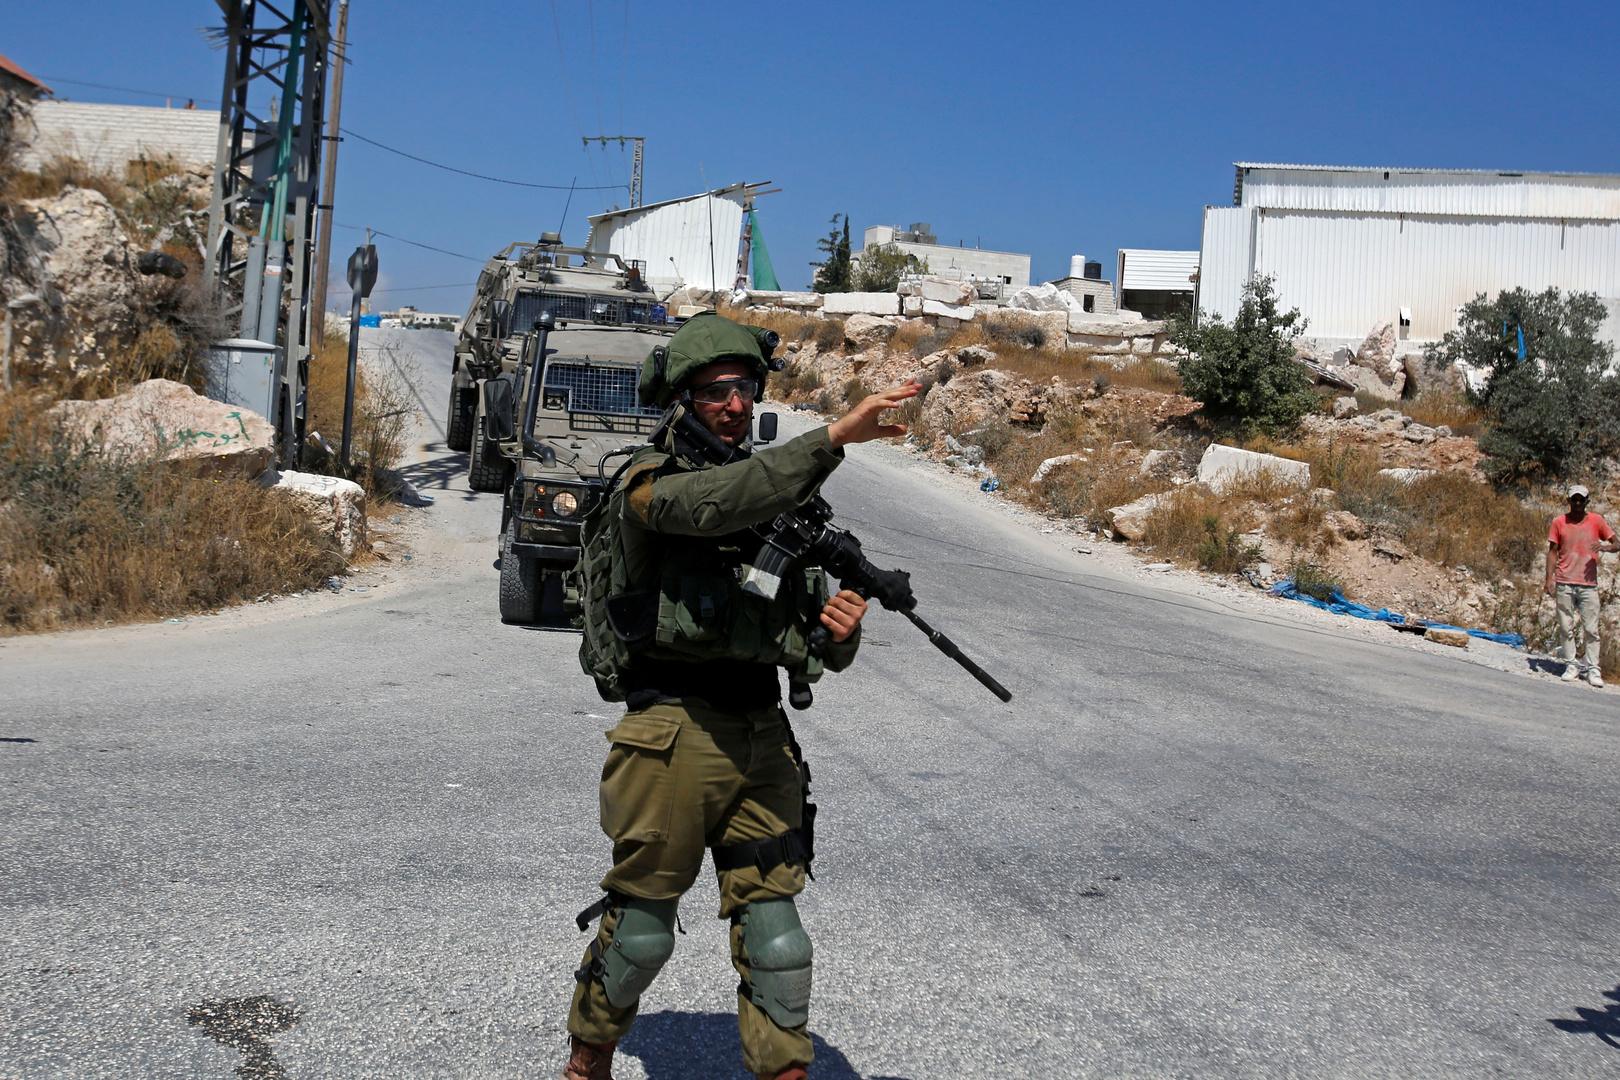 الجيش الإسرائيلي يقتل فلسطينيا في الضفة الغربية بدعوى محاولته تنفيذ عملية طعن